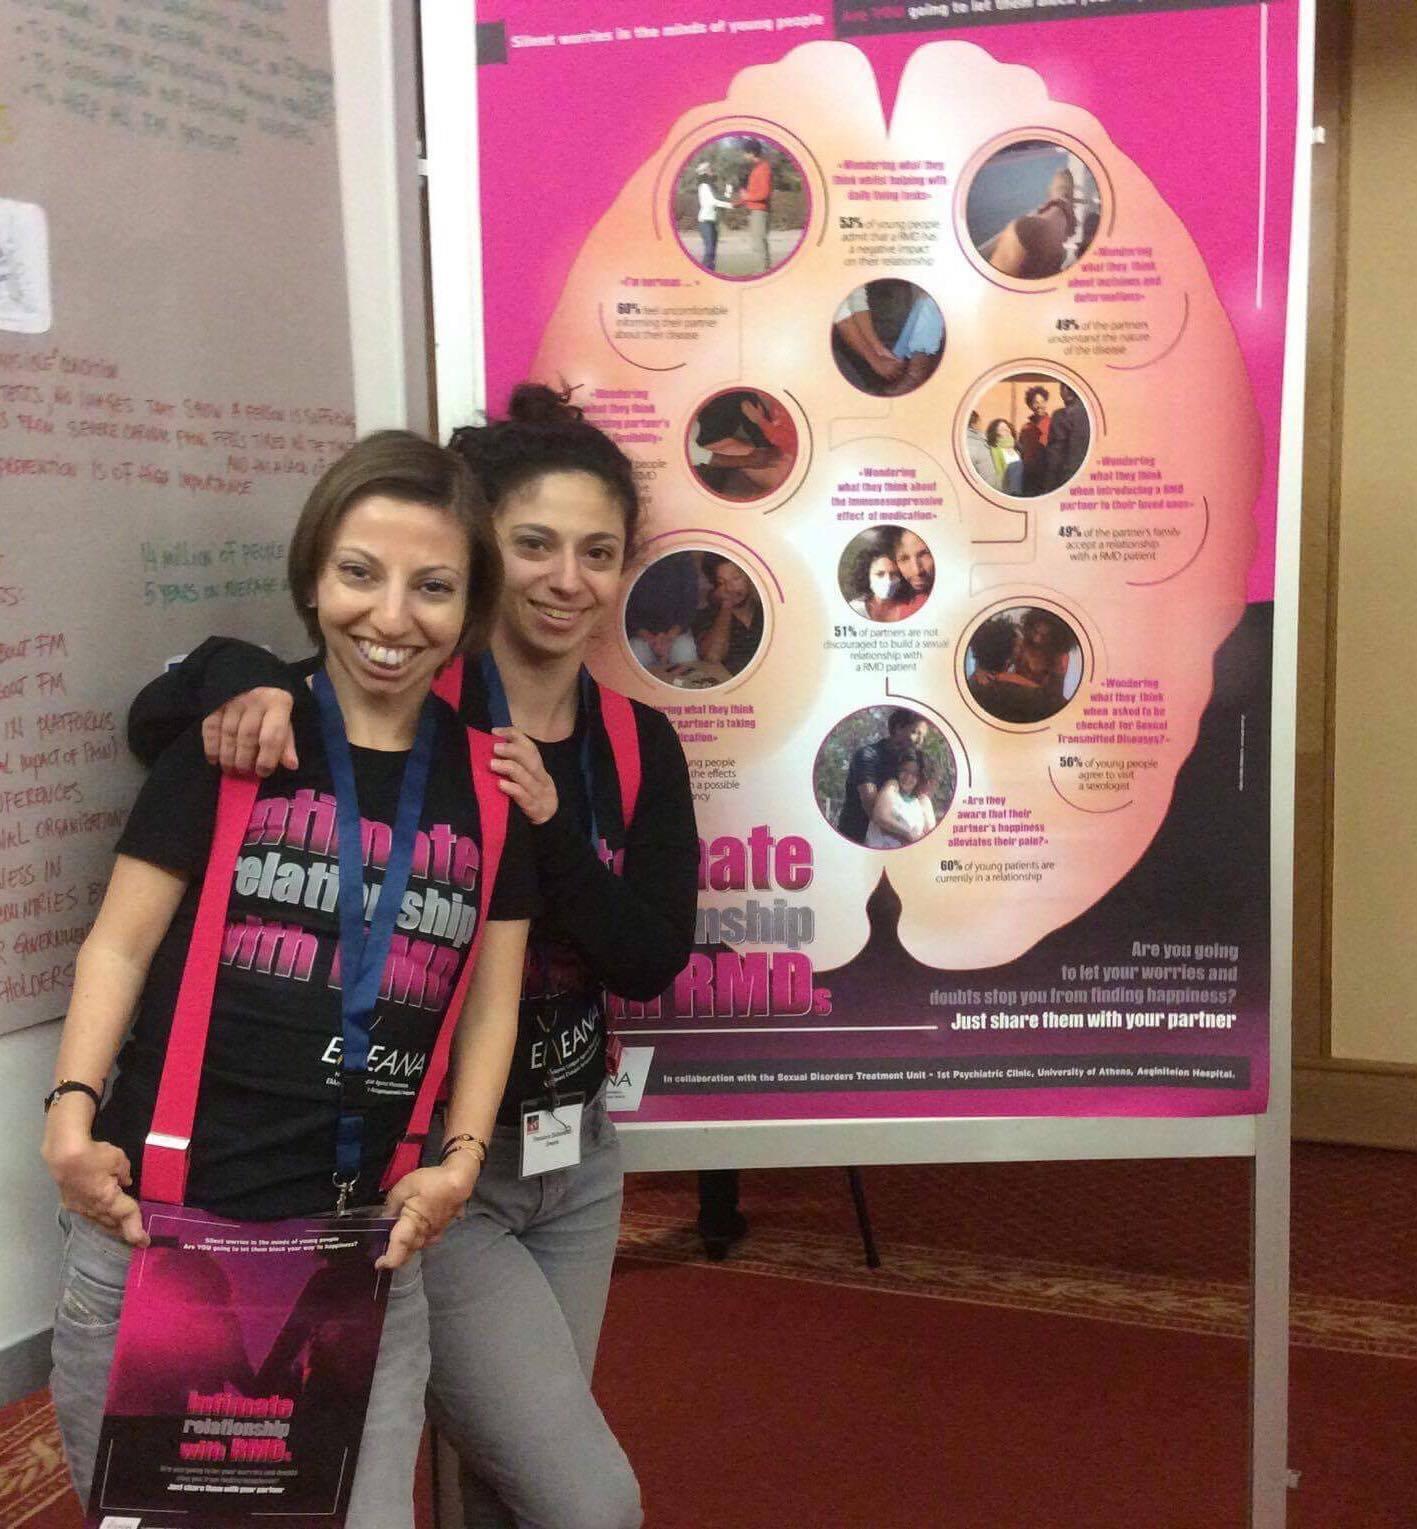 ΕΛ.Ε.ΑΝ.Α: Το πρώτο βραβείο για τη «Σεξουαλική ζωή νεαρών ατόμων με ρευματικά νοσήματα»